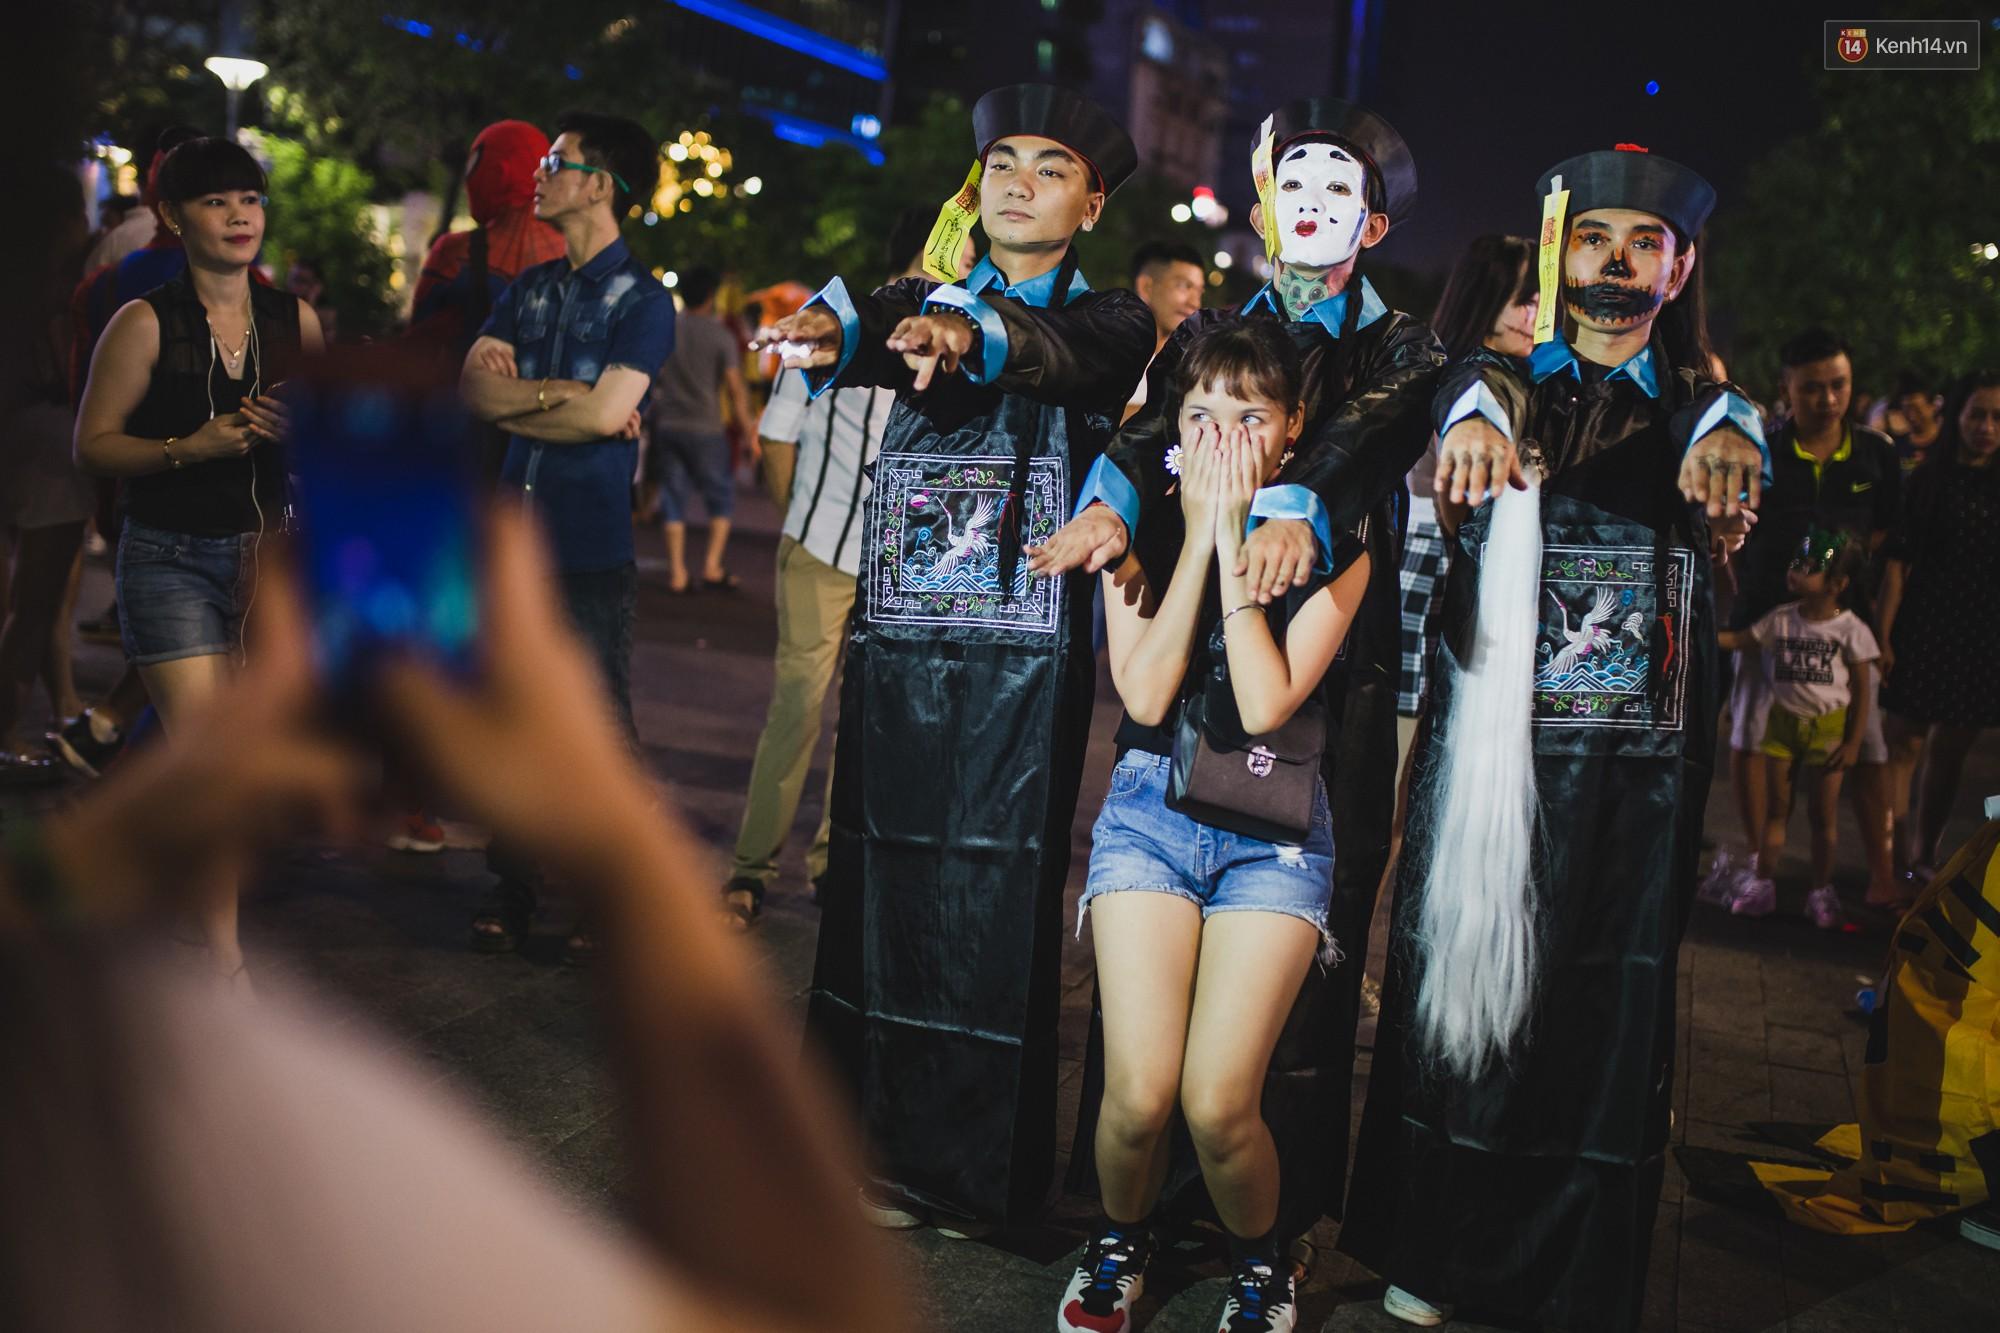 Hà Nội và Sài Gòn tràn ngập ma quỷ đêm Halloween: Từ cương thi, vô diện đến phù thủy tưng bừng xuống phố - Ảnh 11.